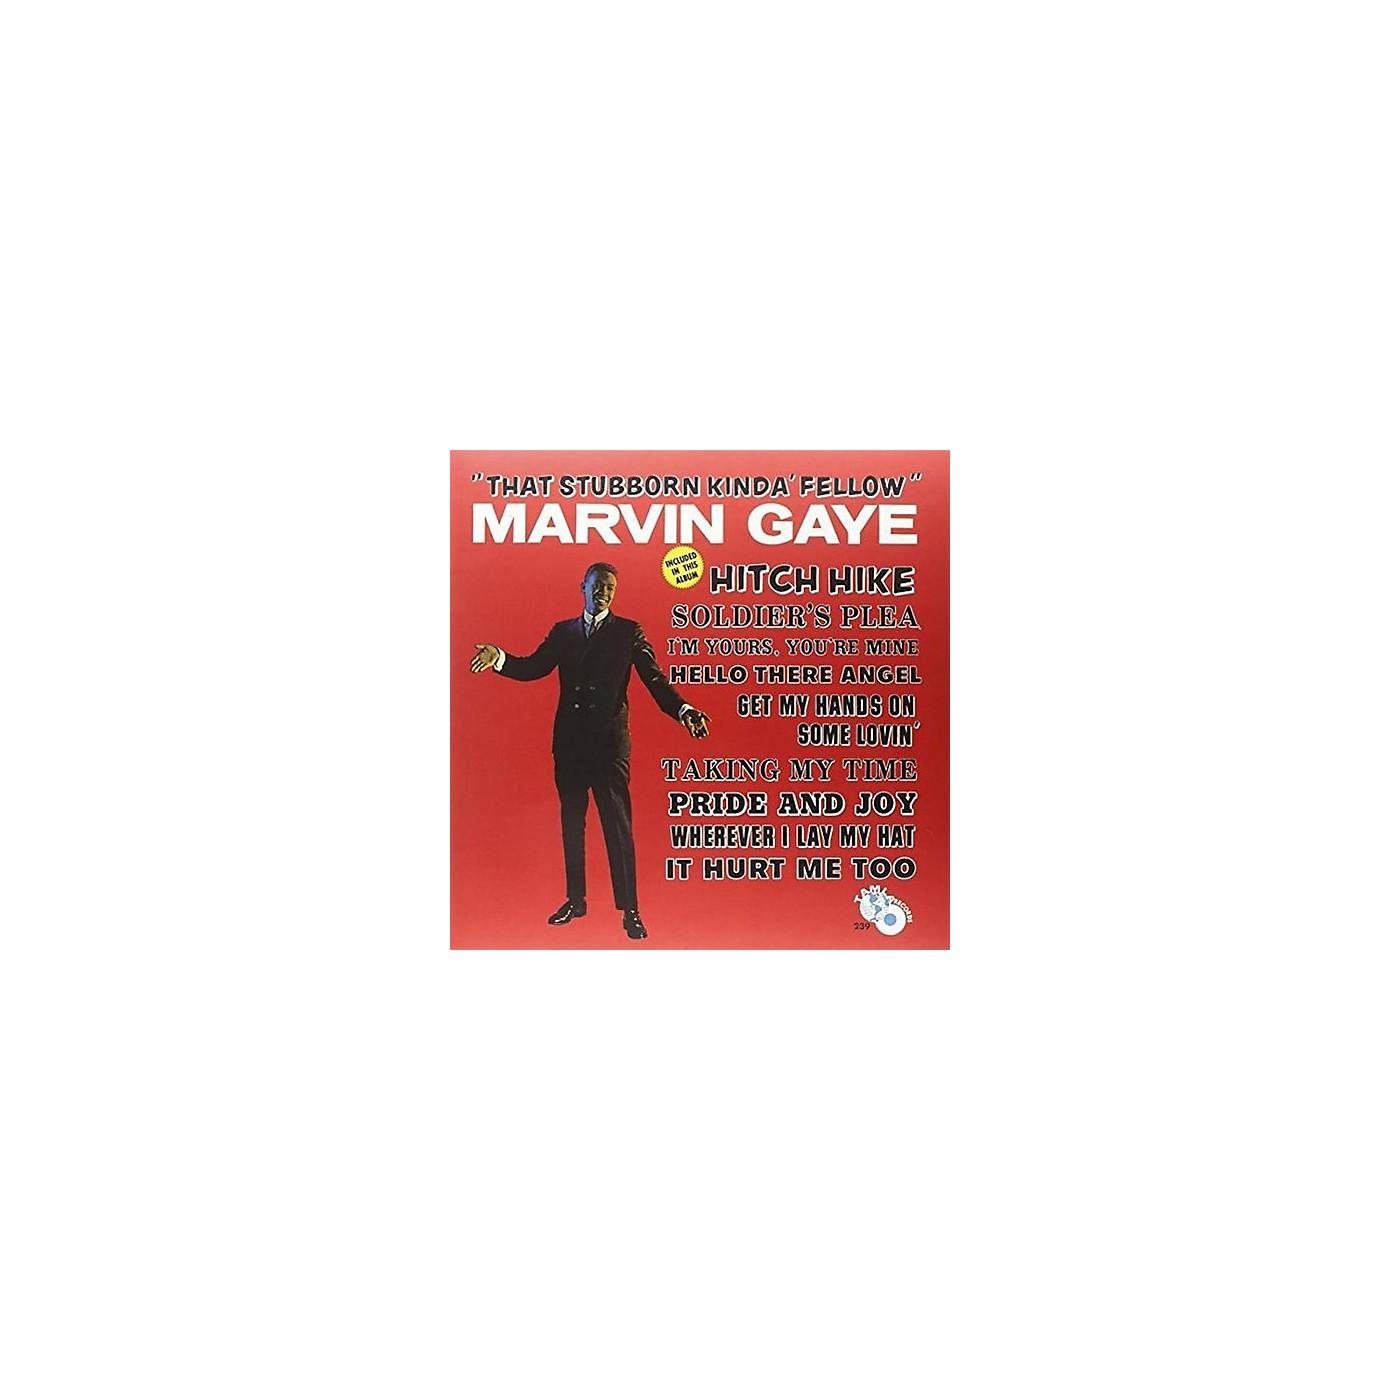 Alliance Marvin Gaye - That Stubborn Kinda' Fellow thumbnail